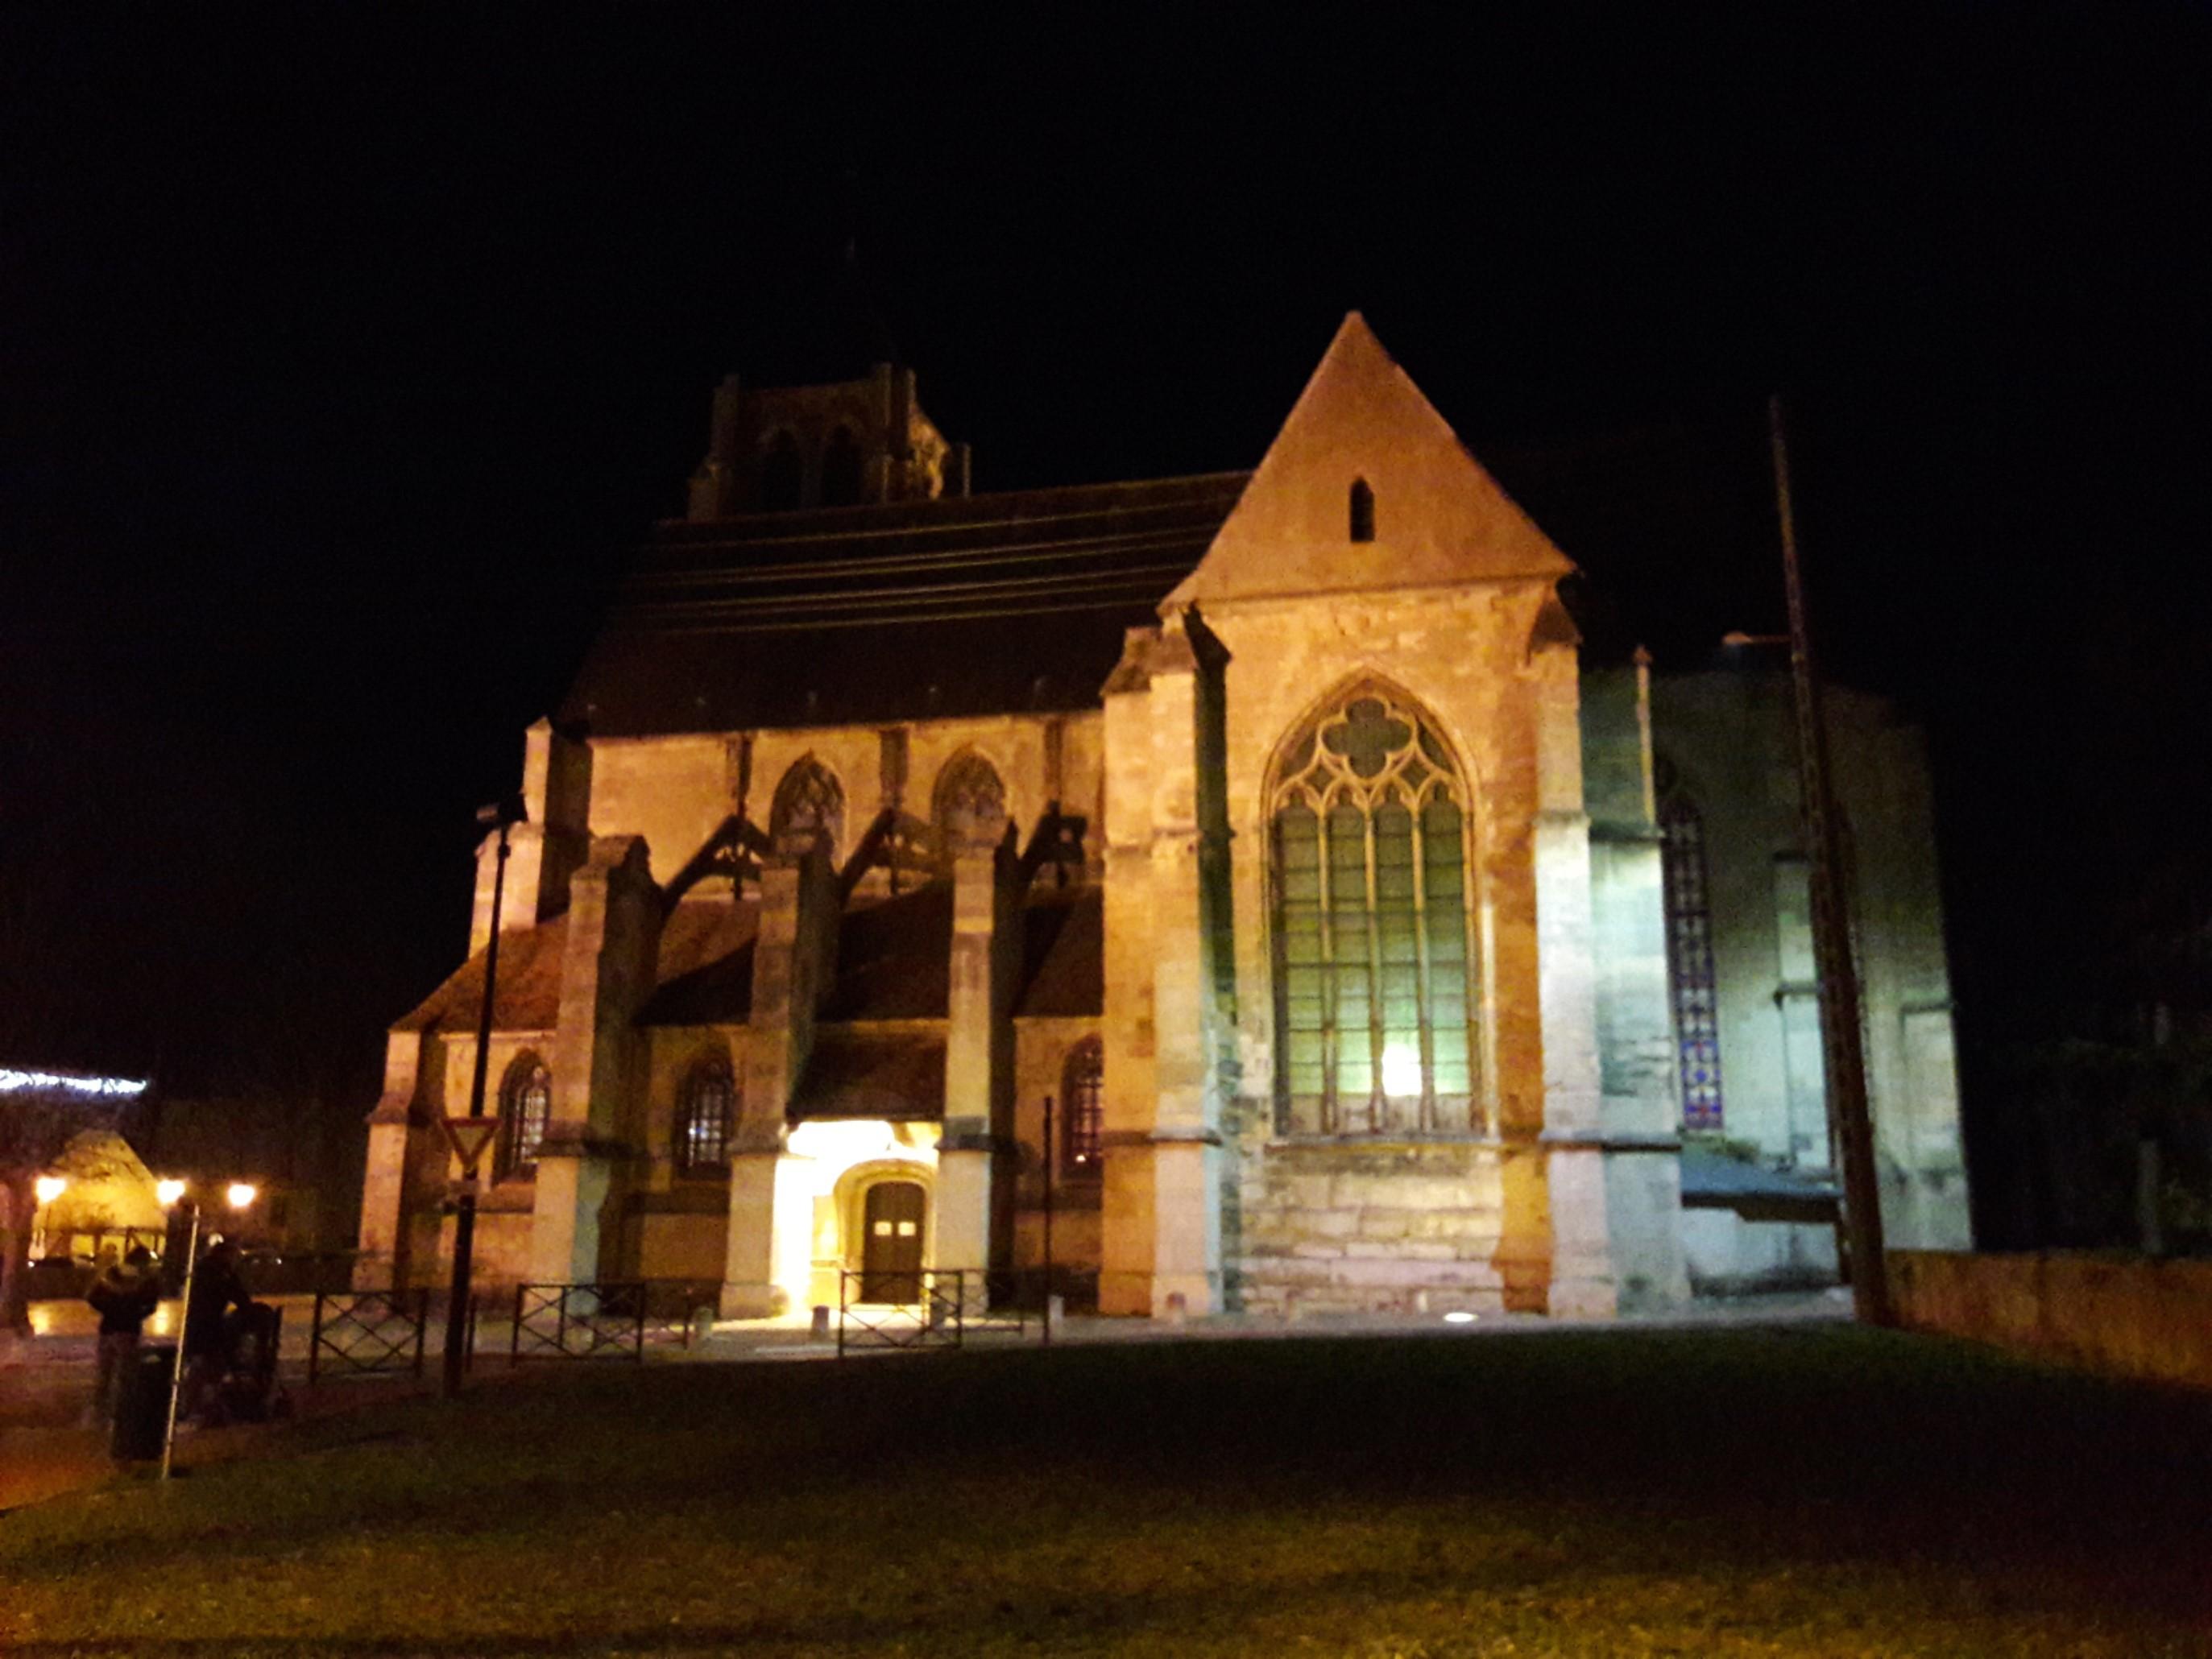 Décembre 2018 - Eglise de Bessancourt illuminée